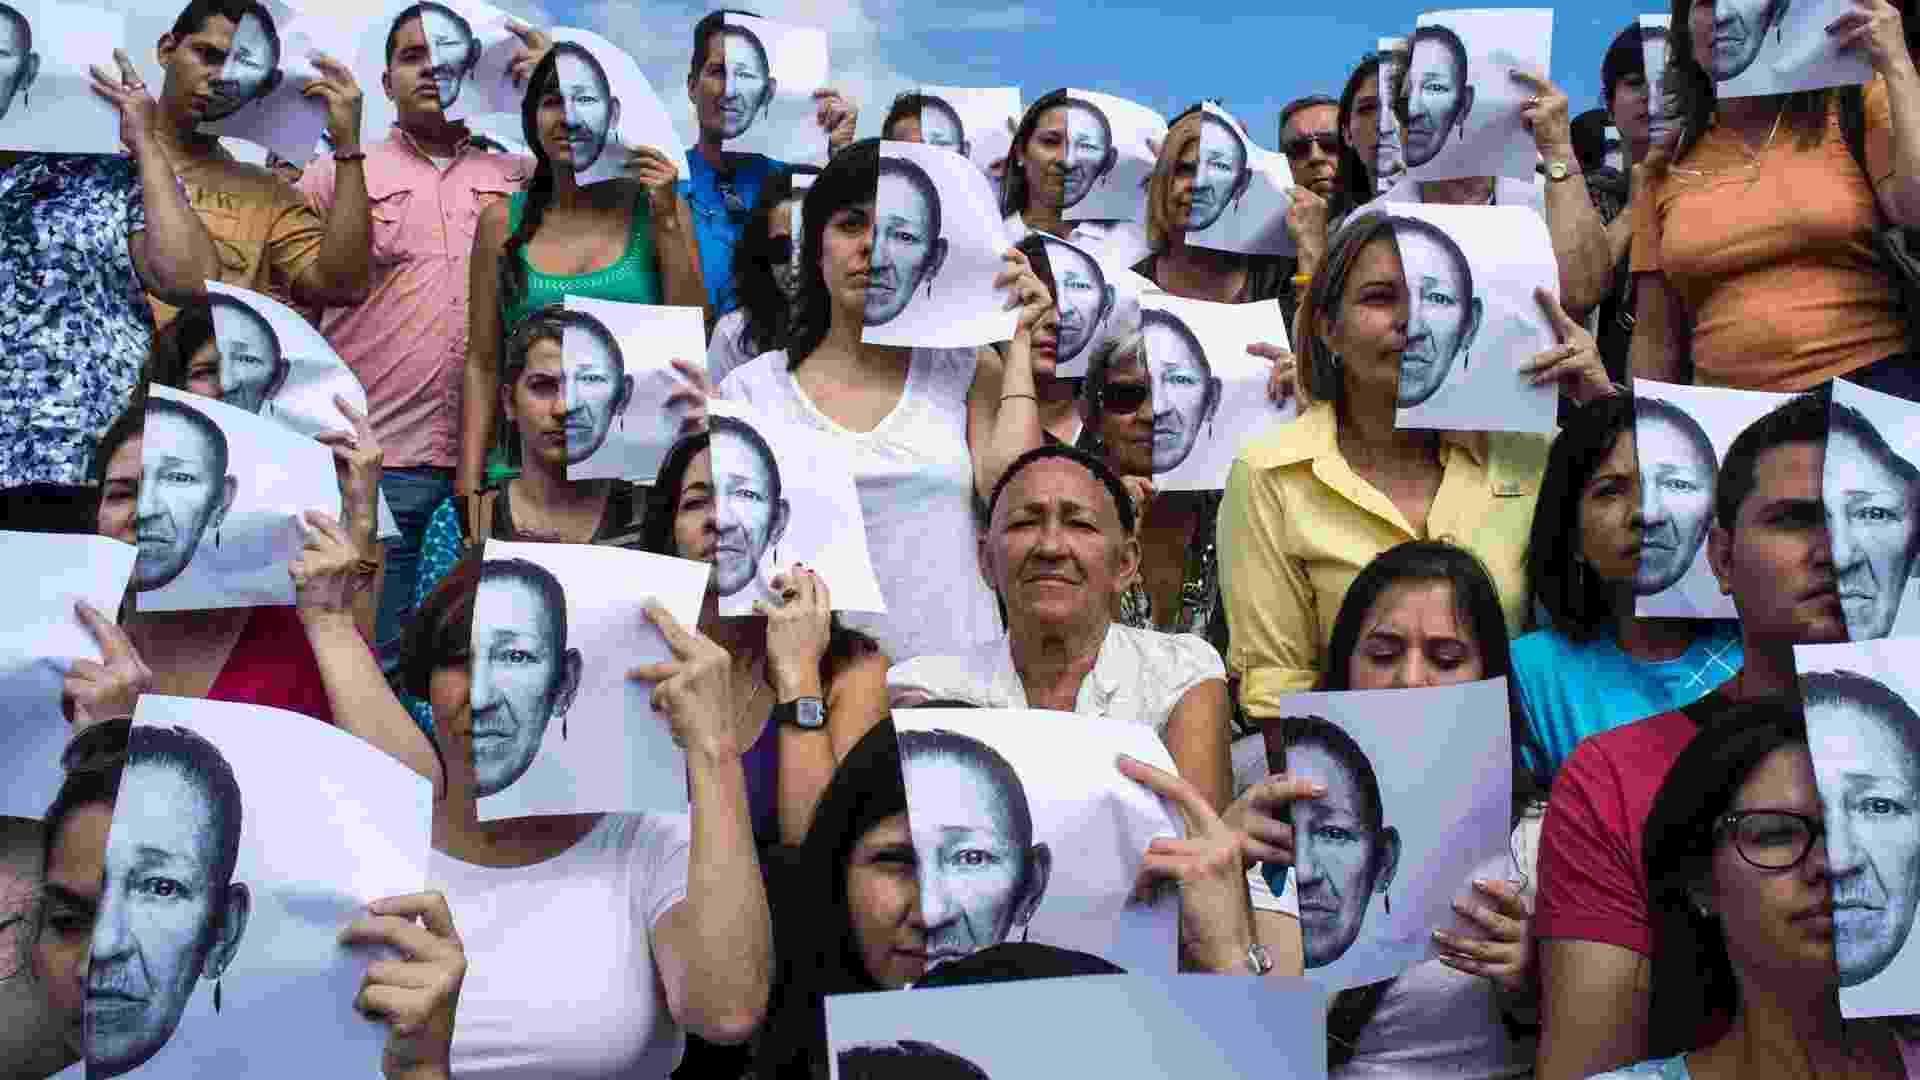 """28.jul.2012 - Maria Delgado, no centro da imagem, perdeu 3 crianças vítimas de violência. Ela posa ao lado de voluntários, neste sábado (28), que seguram uma foto dela na frente do rosto em protesto, na Venezuela. A manifestação faz parte de um projeto chamado """"Esperança"""" que pede a paz por meio da arte - Marco Bello/Reuters"""